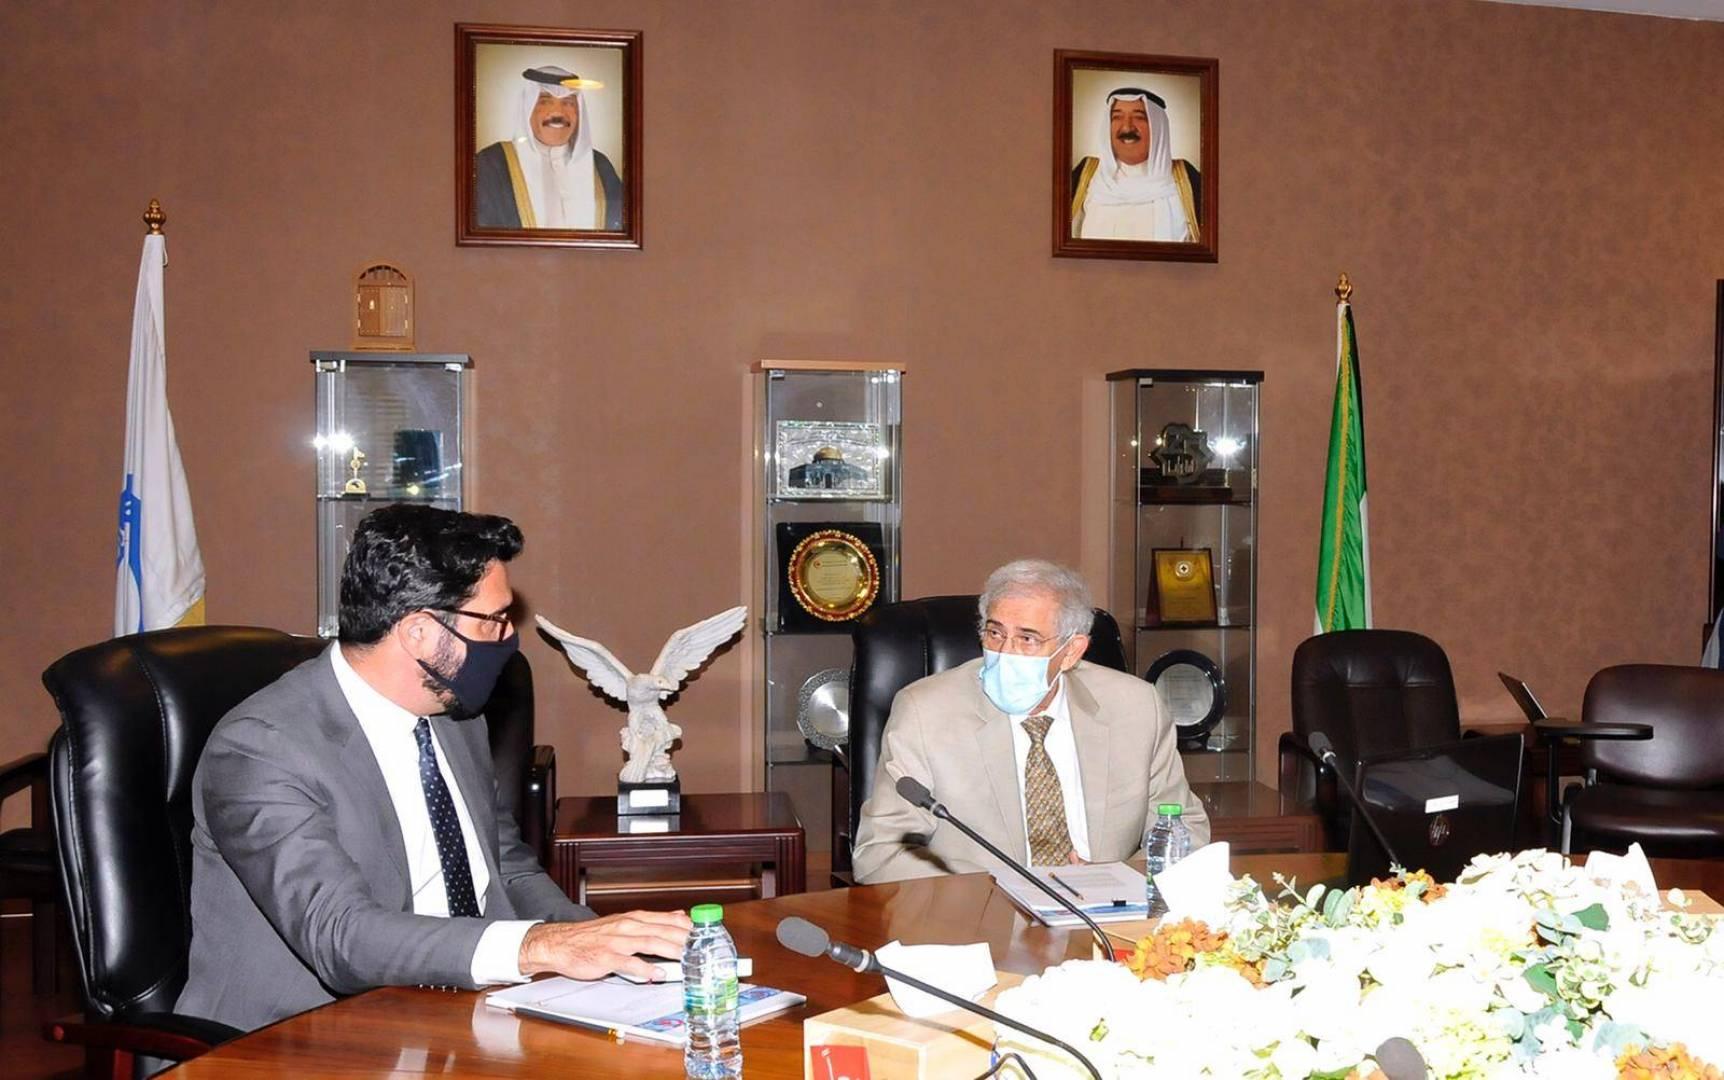 اللجنة الدولية للصليب الأحمر تشيد بالجهود الانسانية للكويت